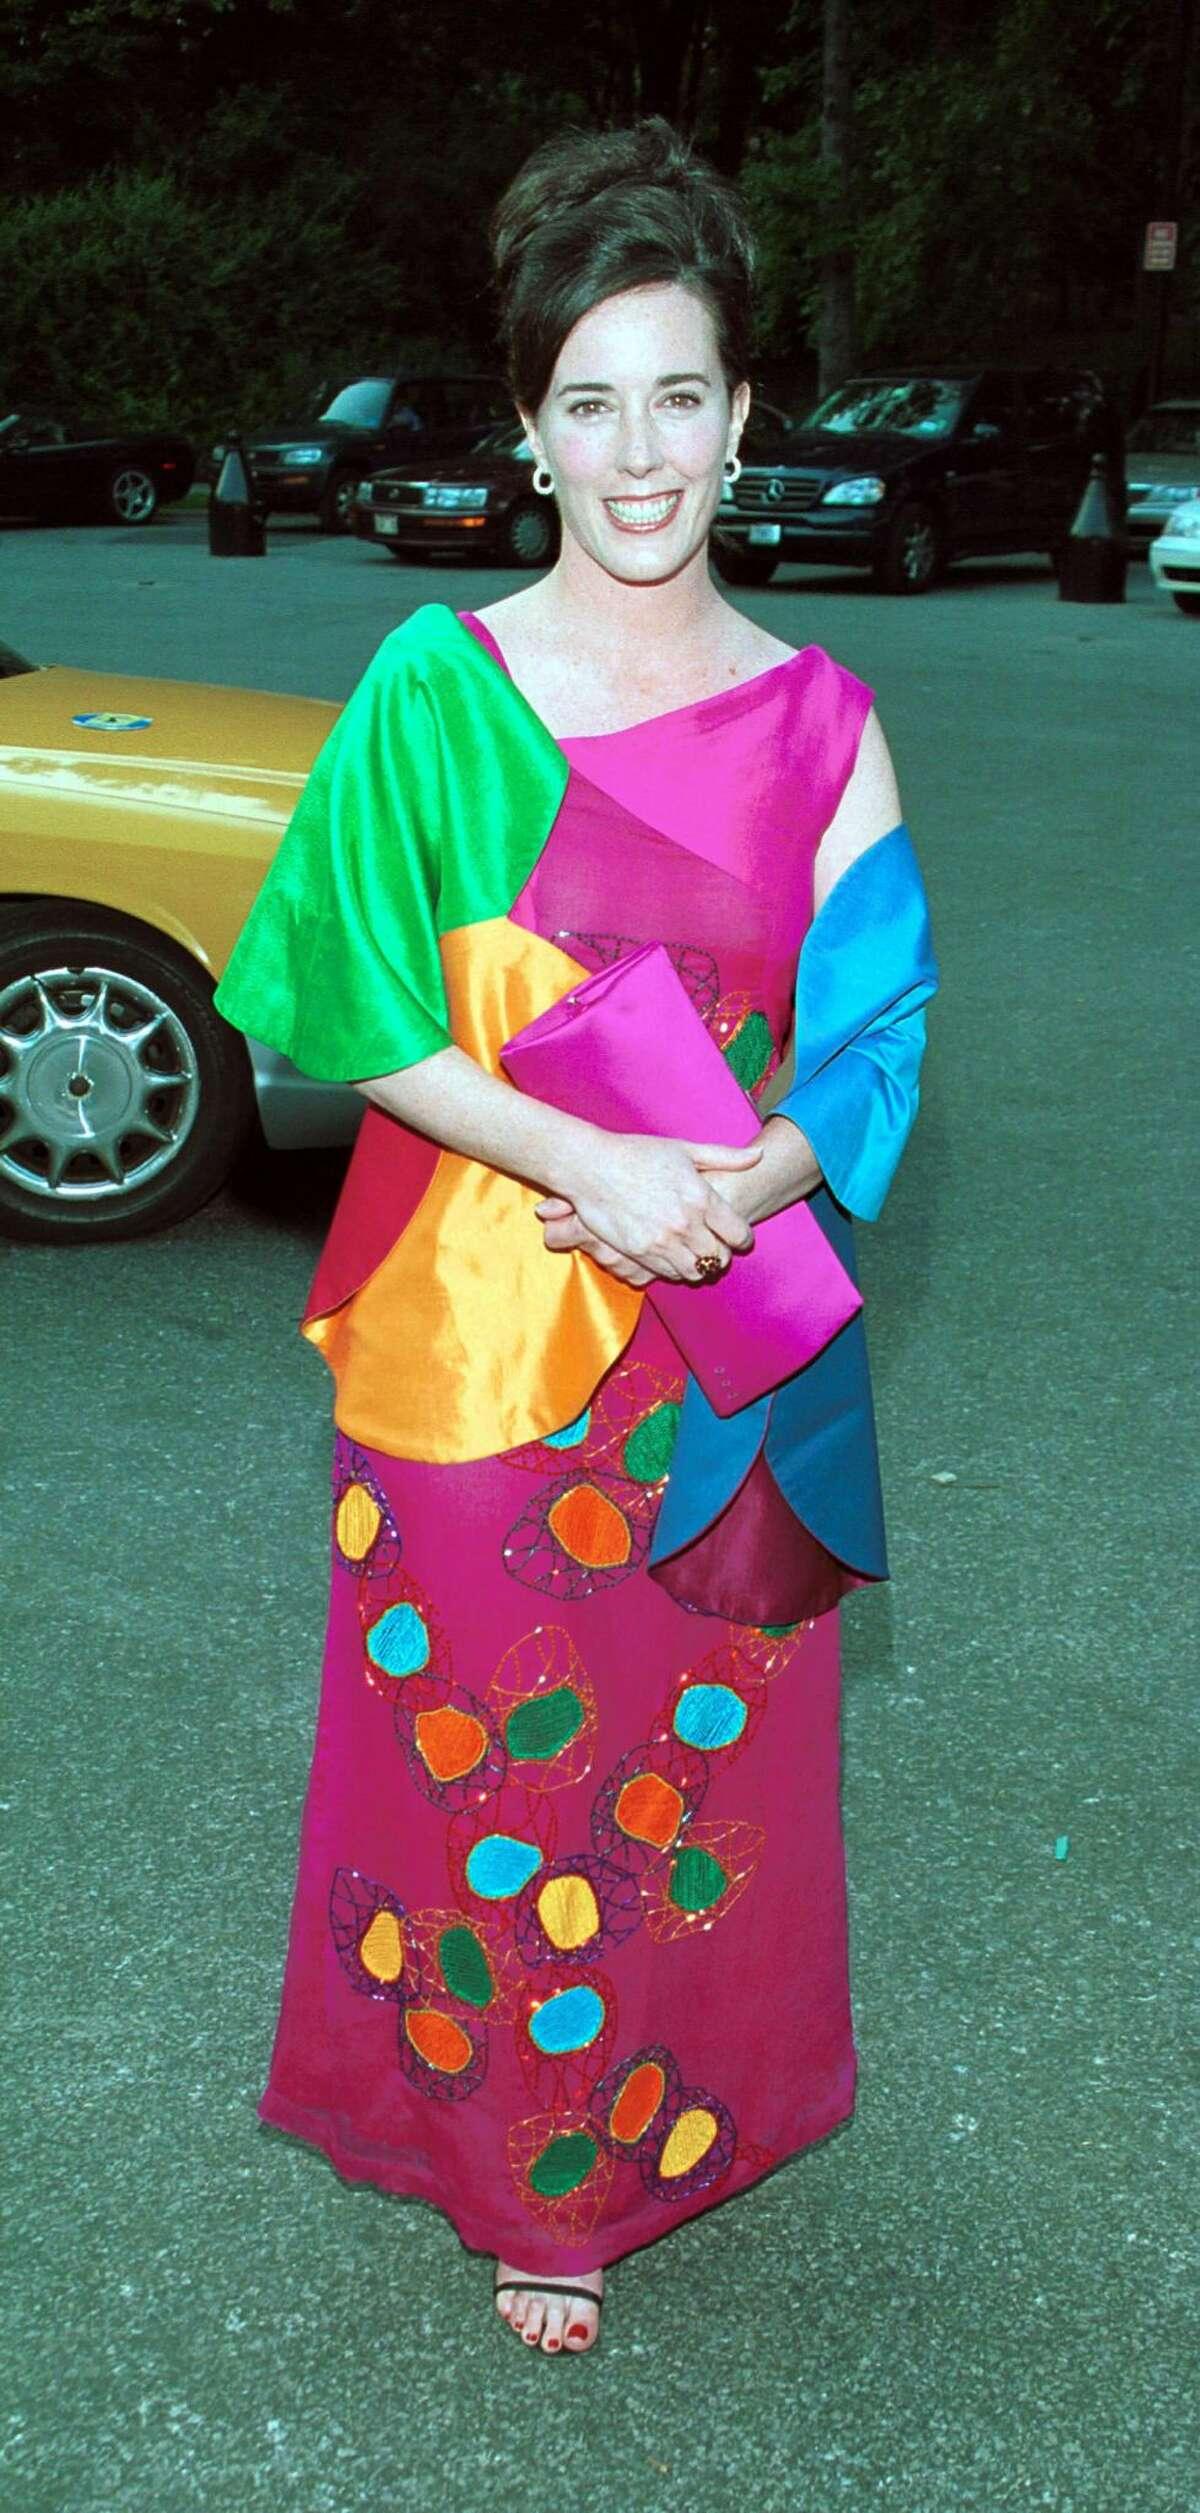 2000: Designer Kate Spade at